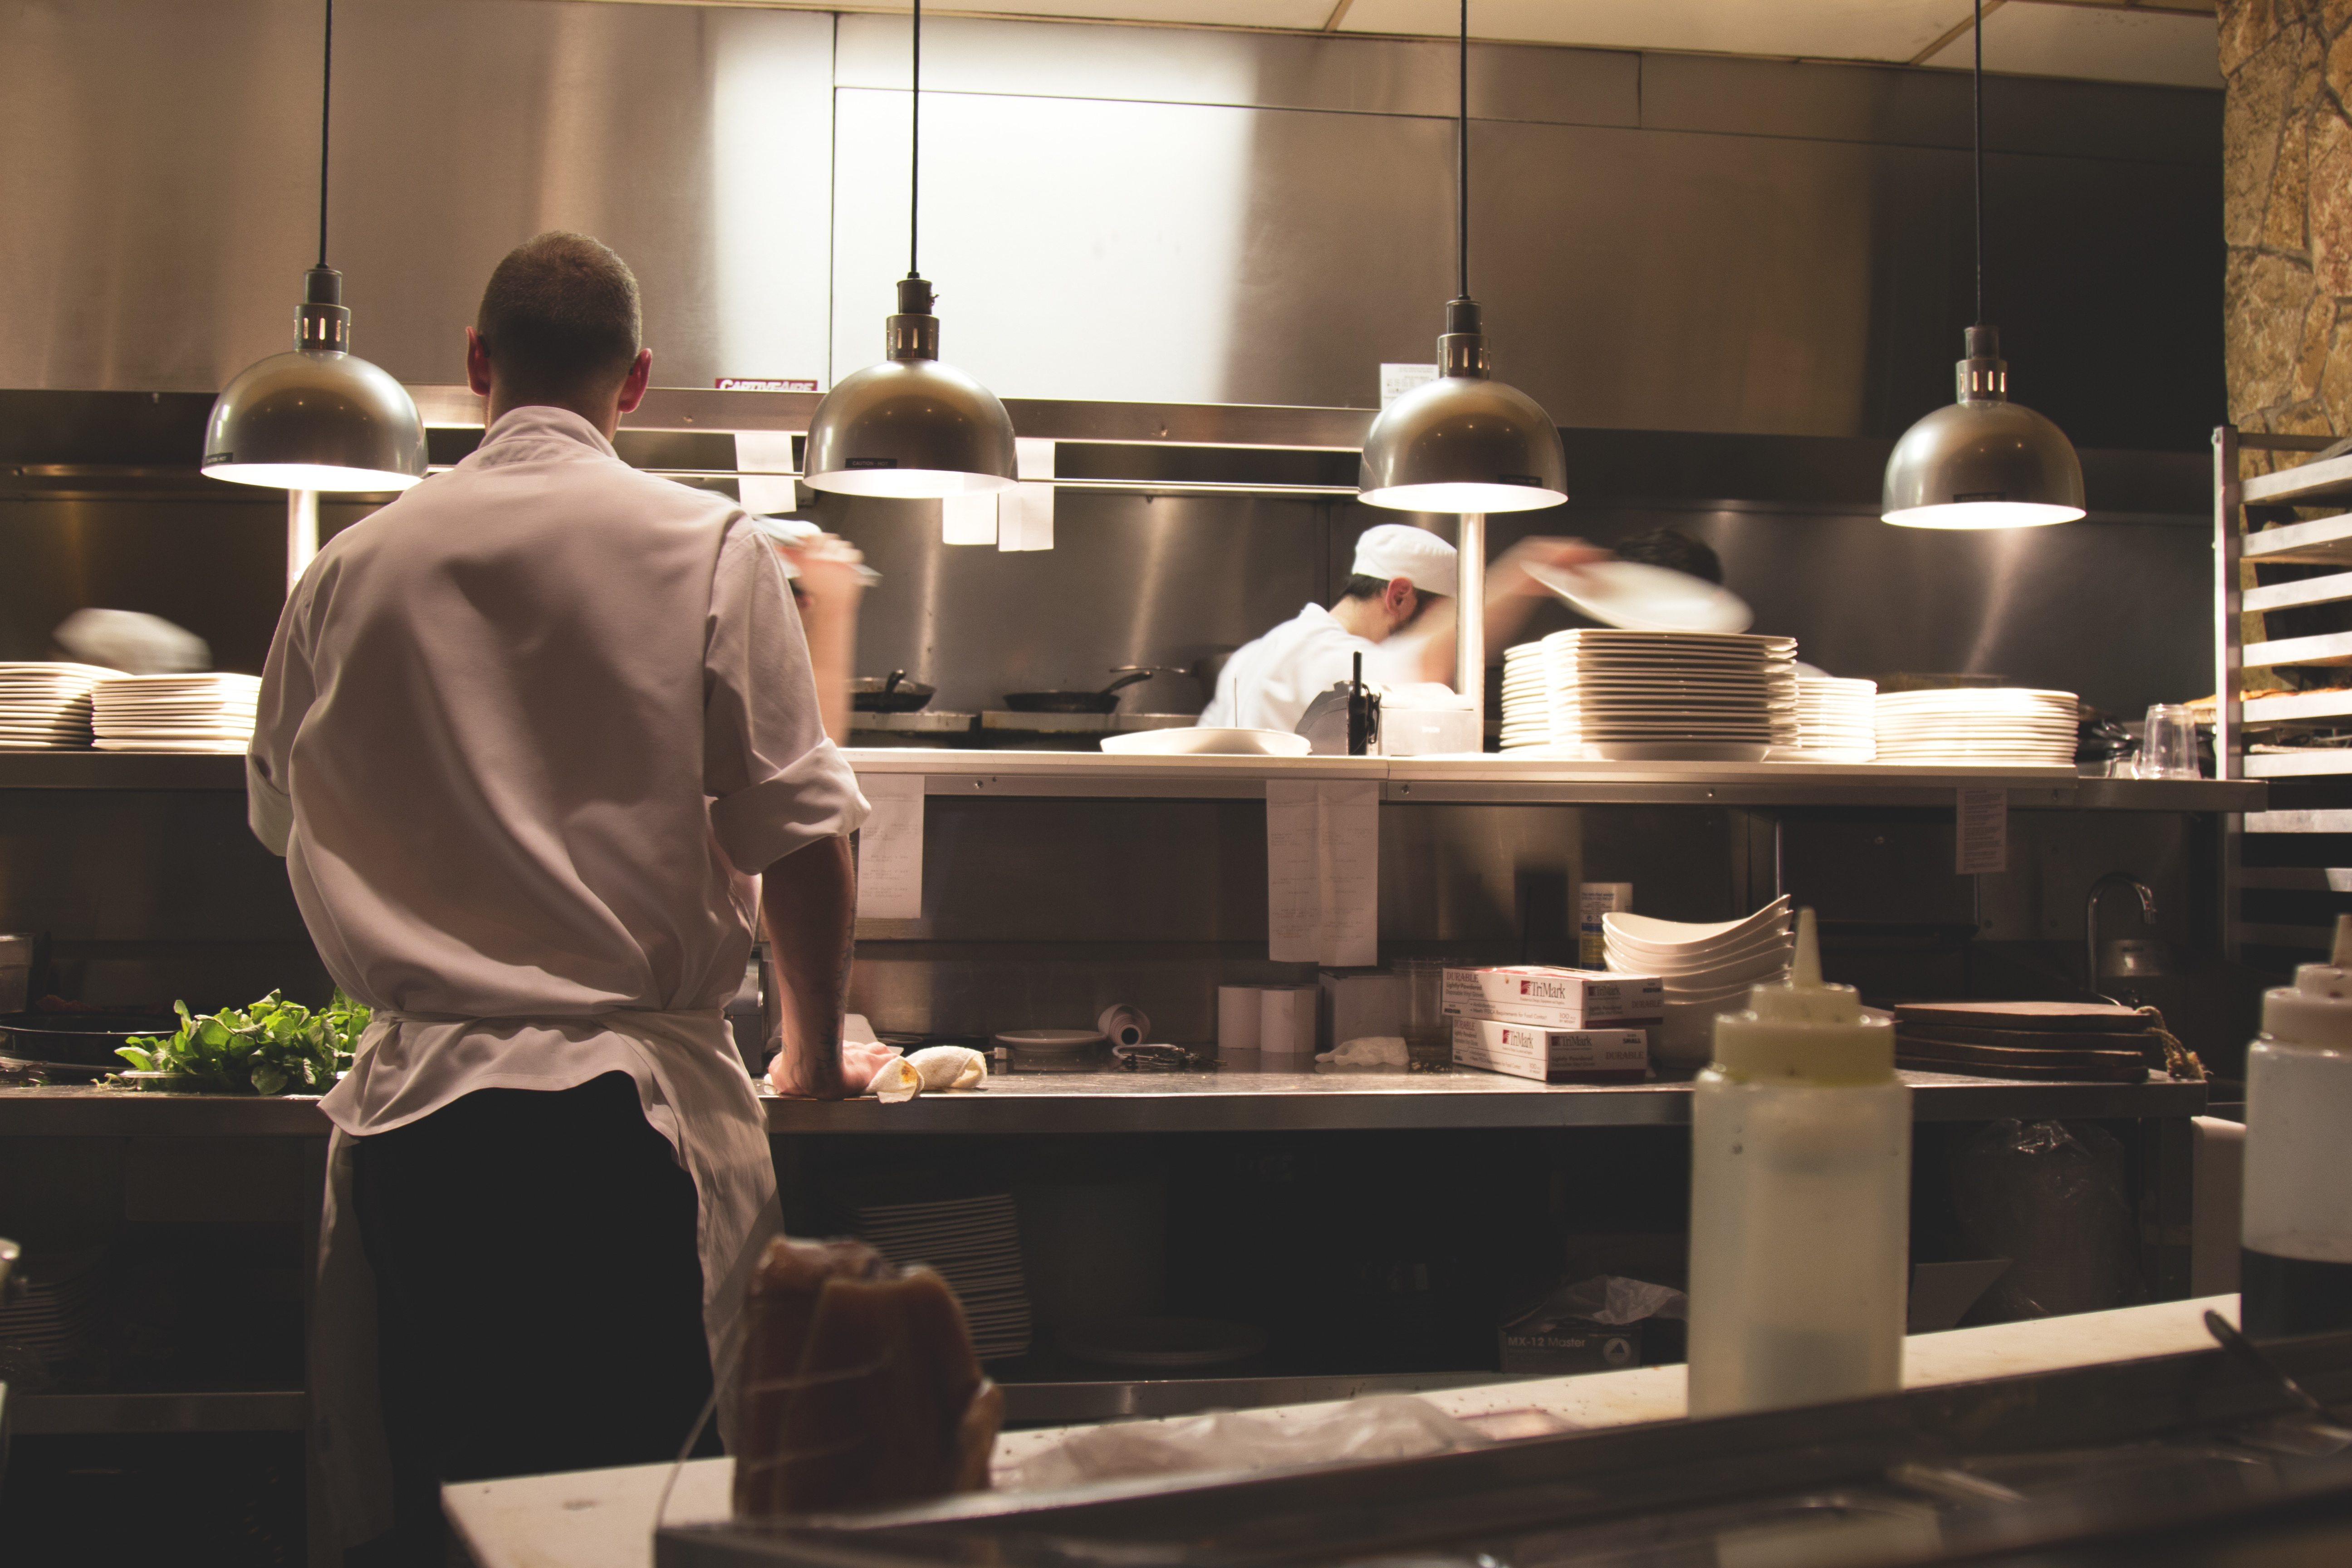 Best restaurants in Poway, CA